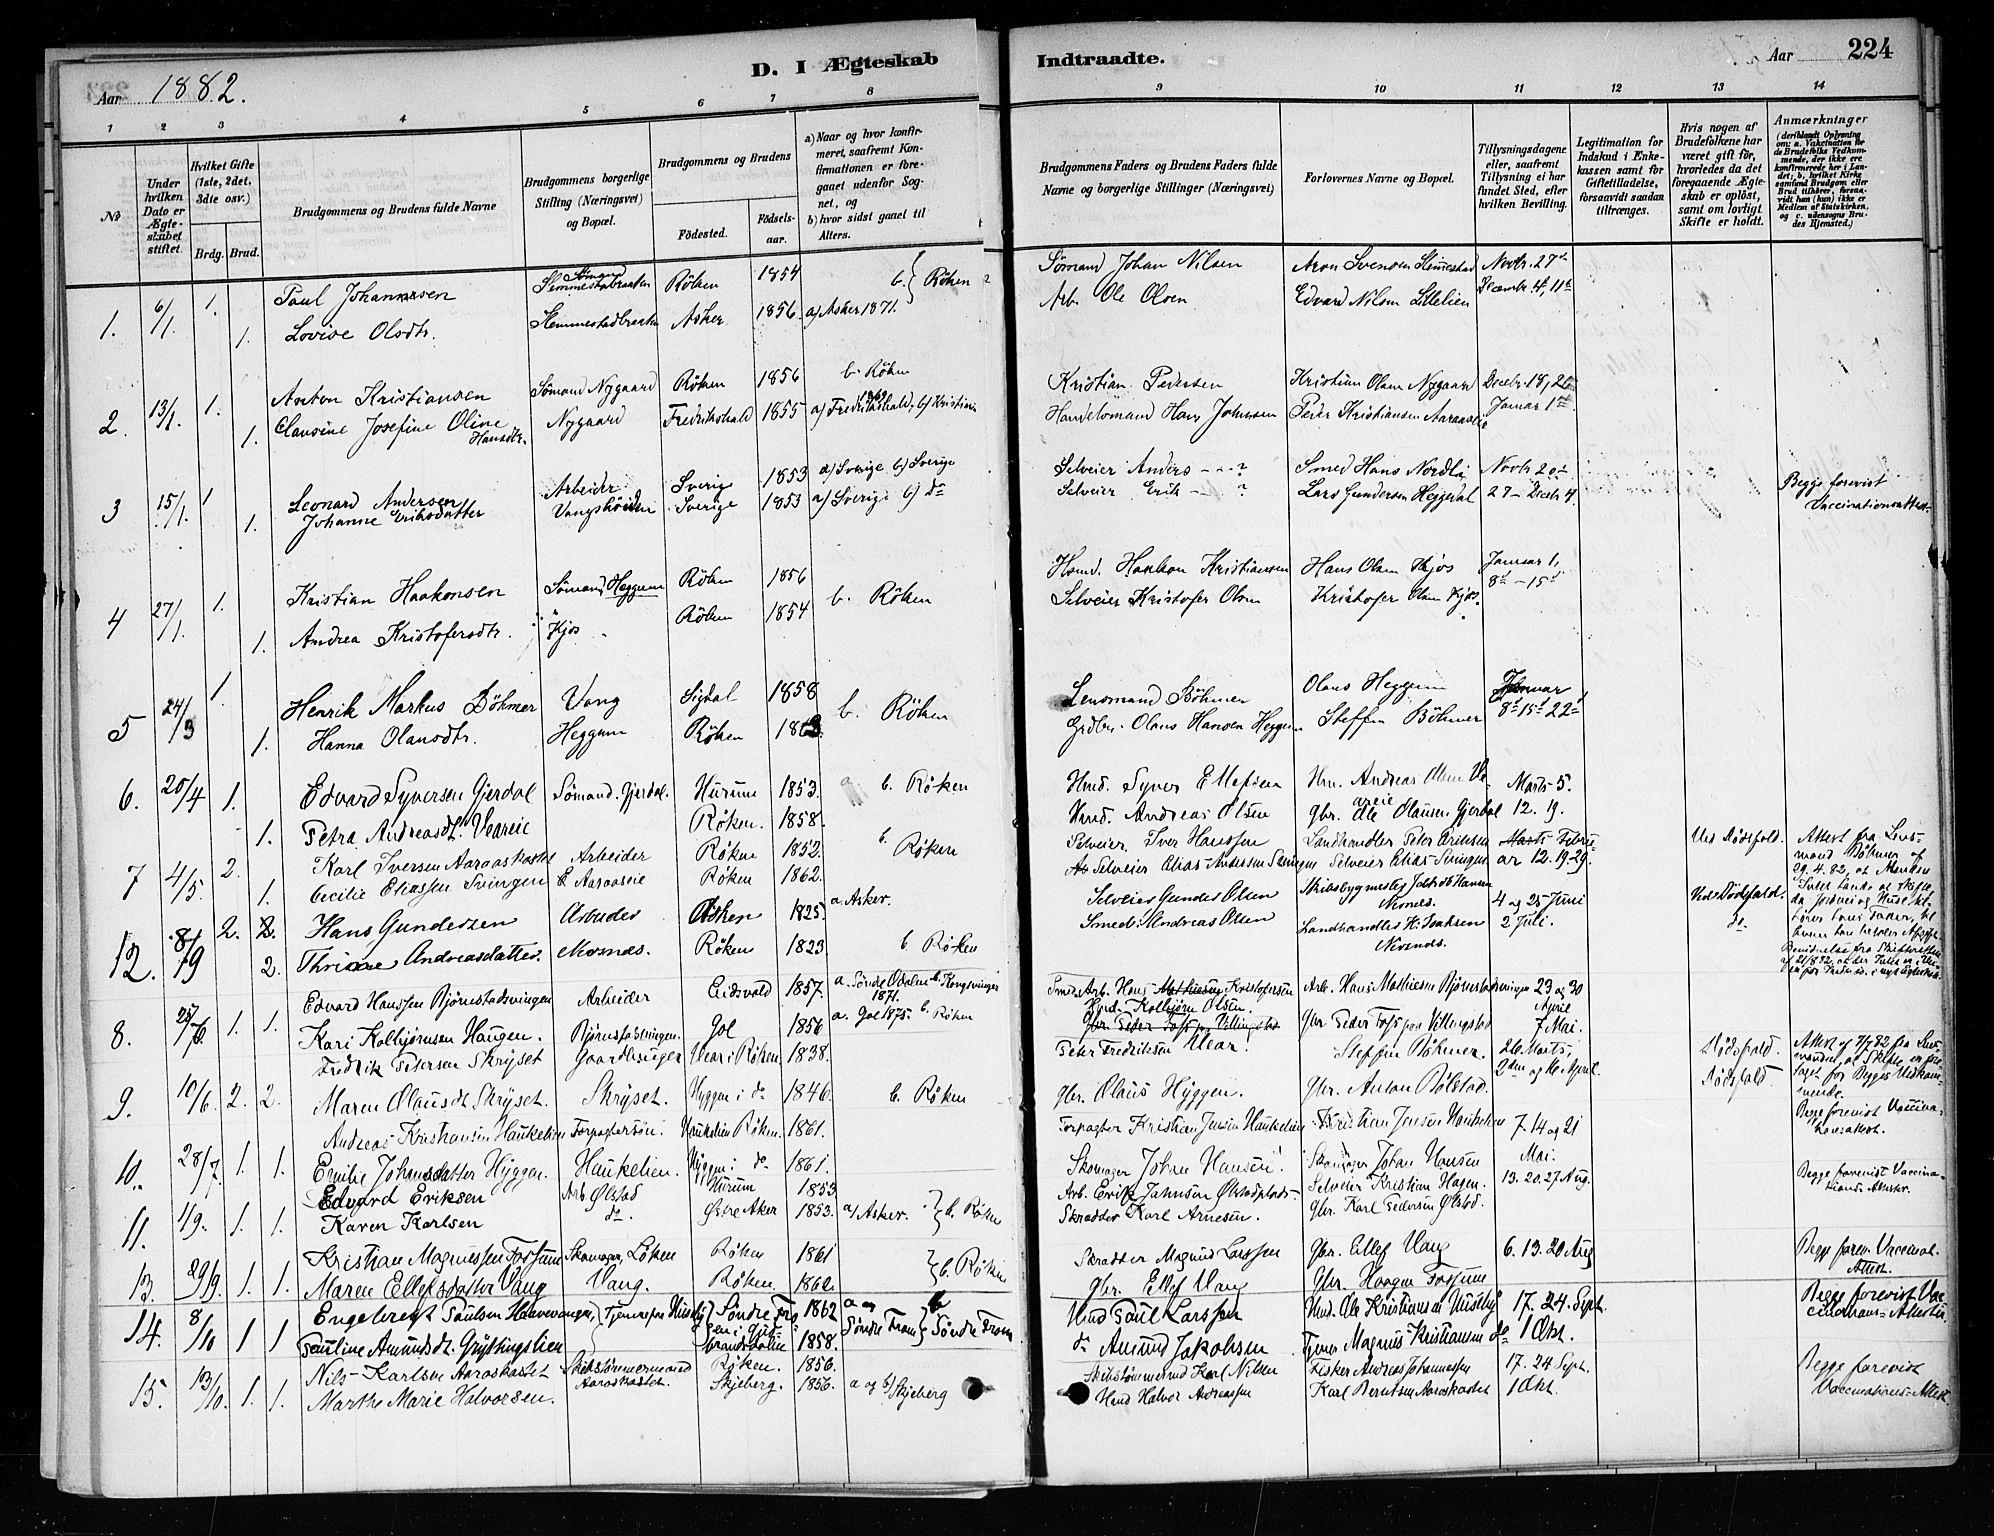 SAKO, Røyken kirkebøker, F/Fa/L0008: Ministerialbok nr. 8, 1880-1897, s. 224